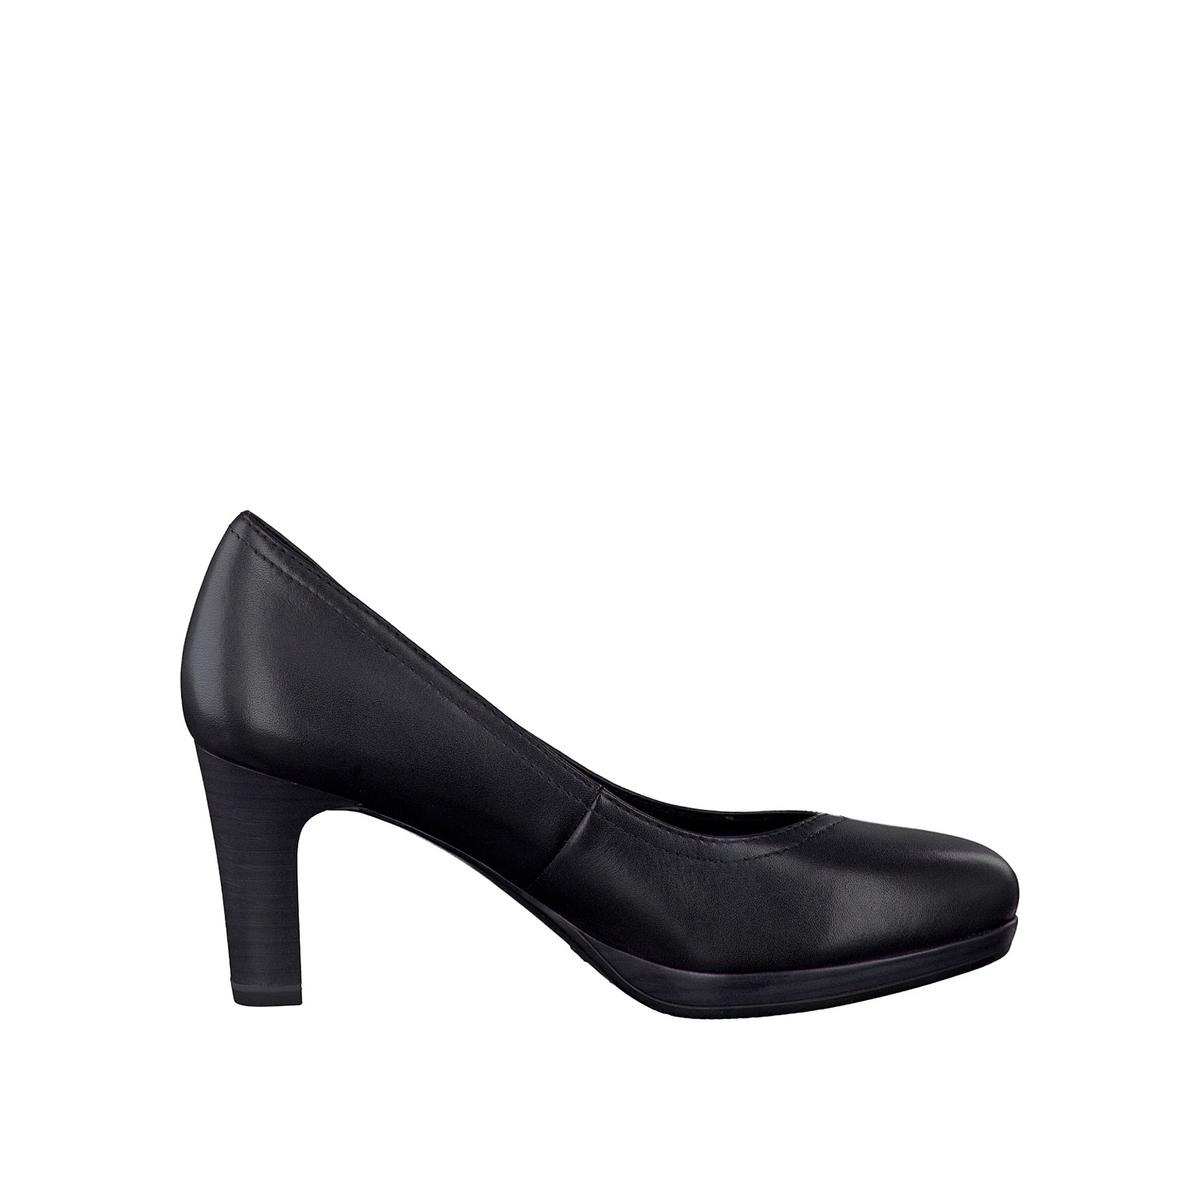 все цены на Туфли кожаные 22410-28 онлайн